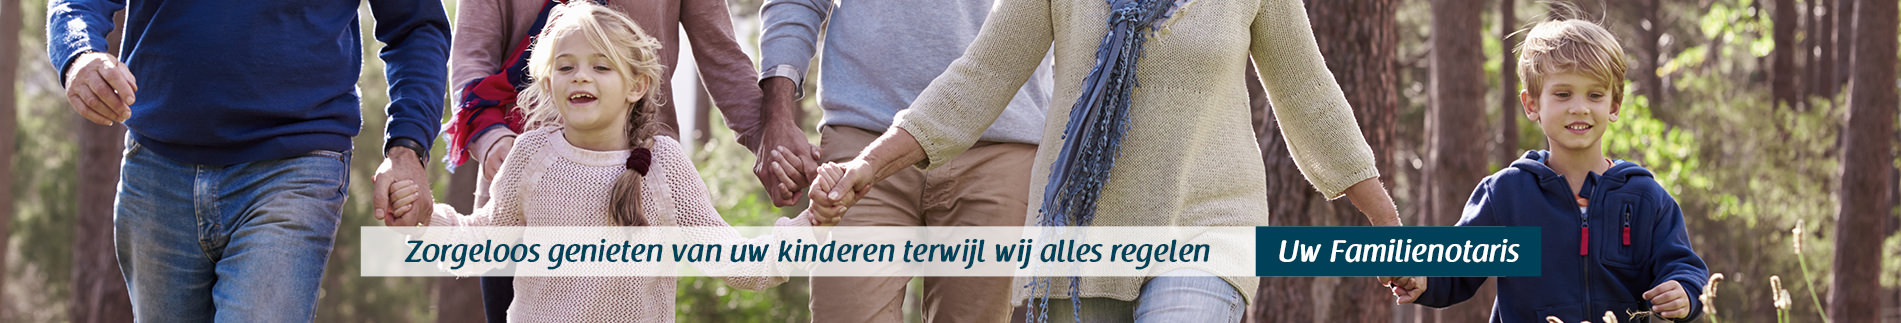 notaris-vriezenveen-kinderen-familienotaris